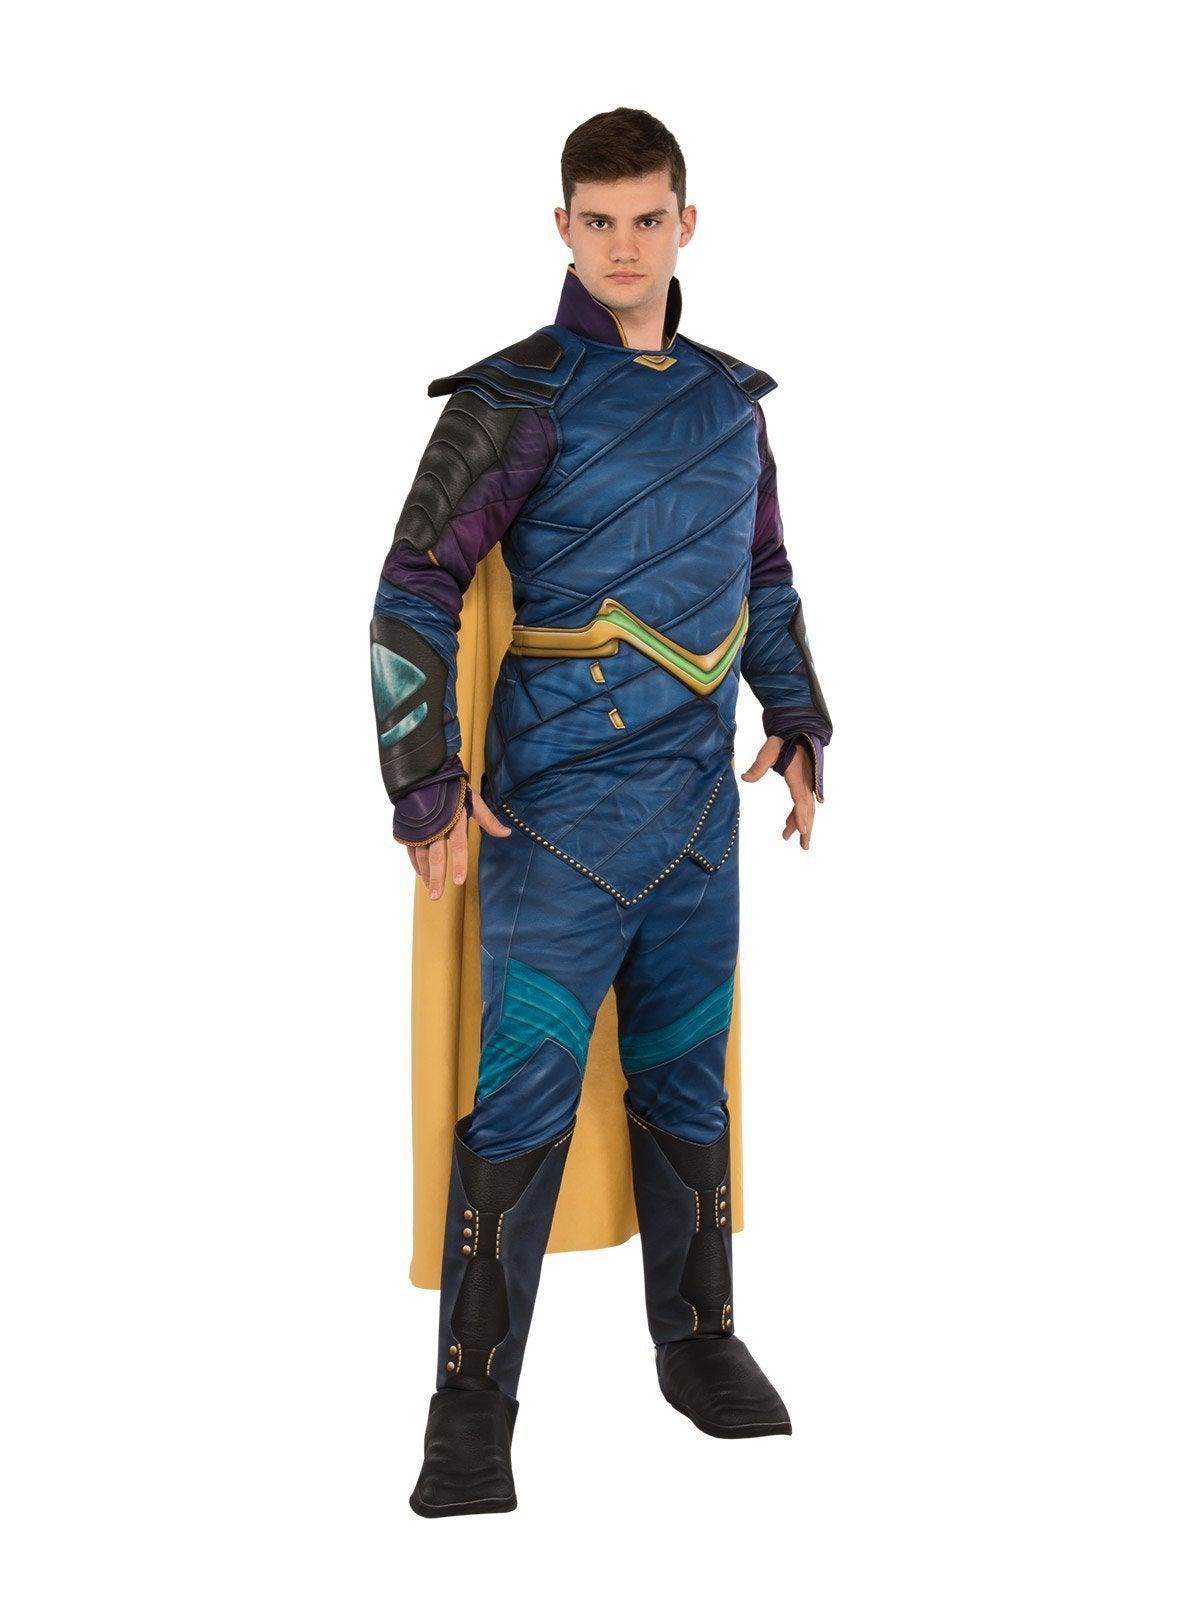 Loki Deluxe Costume for Adults - Marvel Avengers